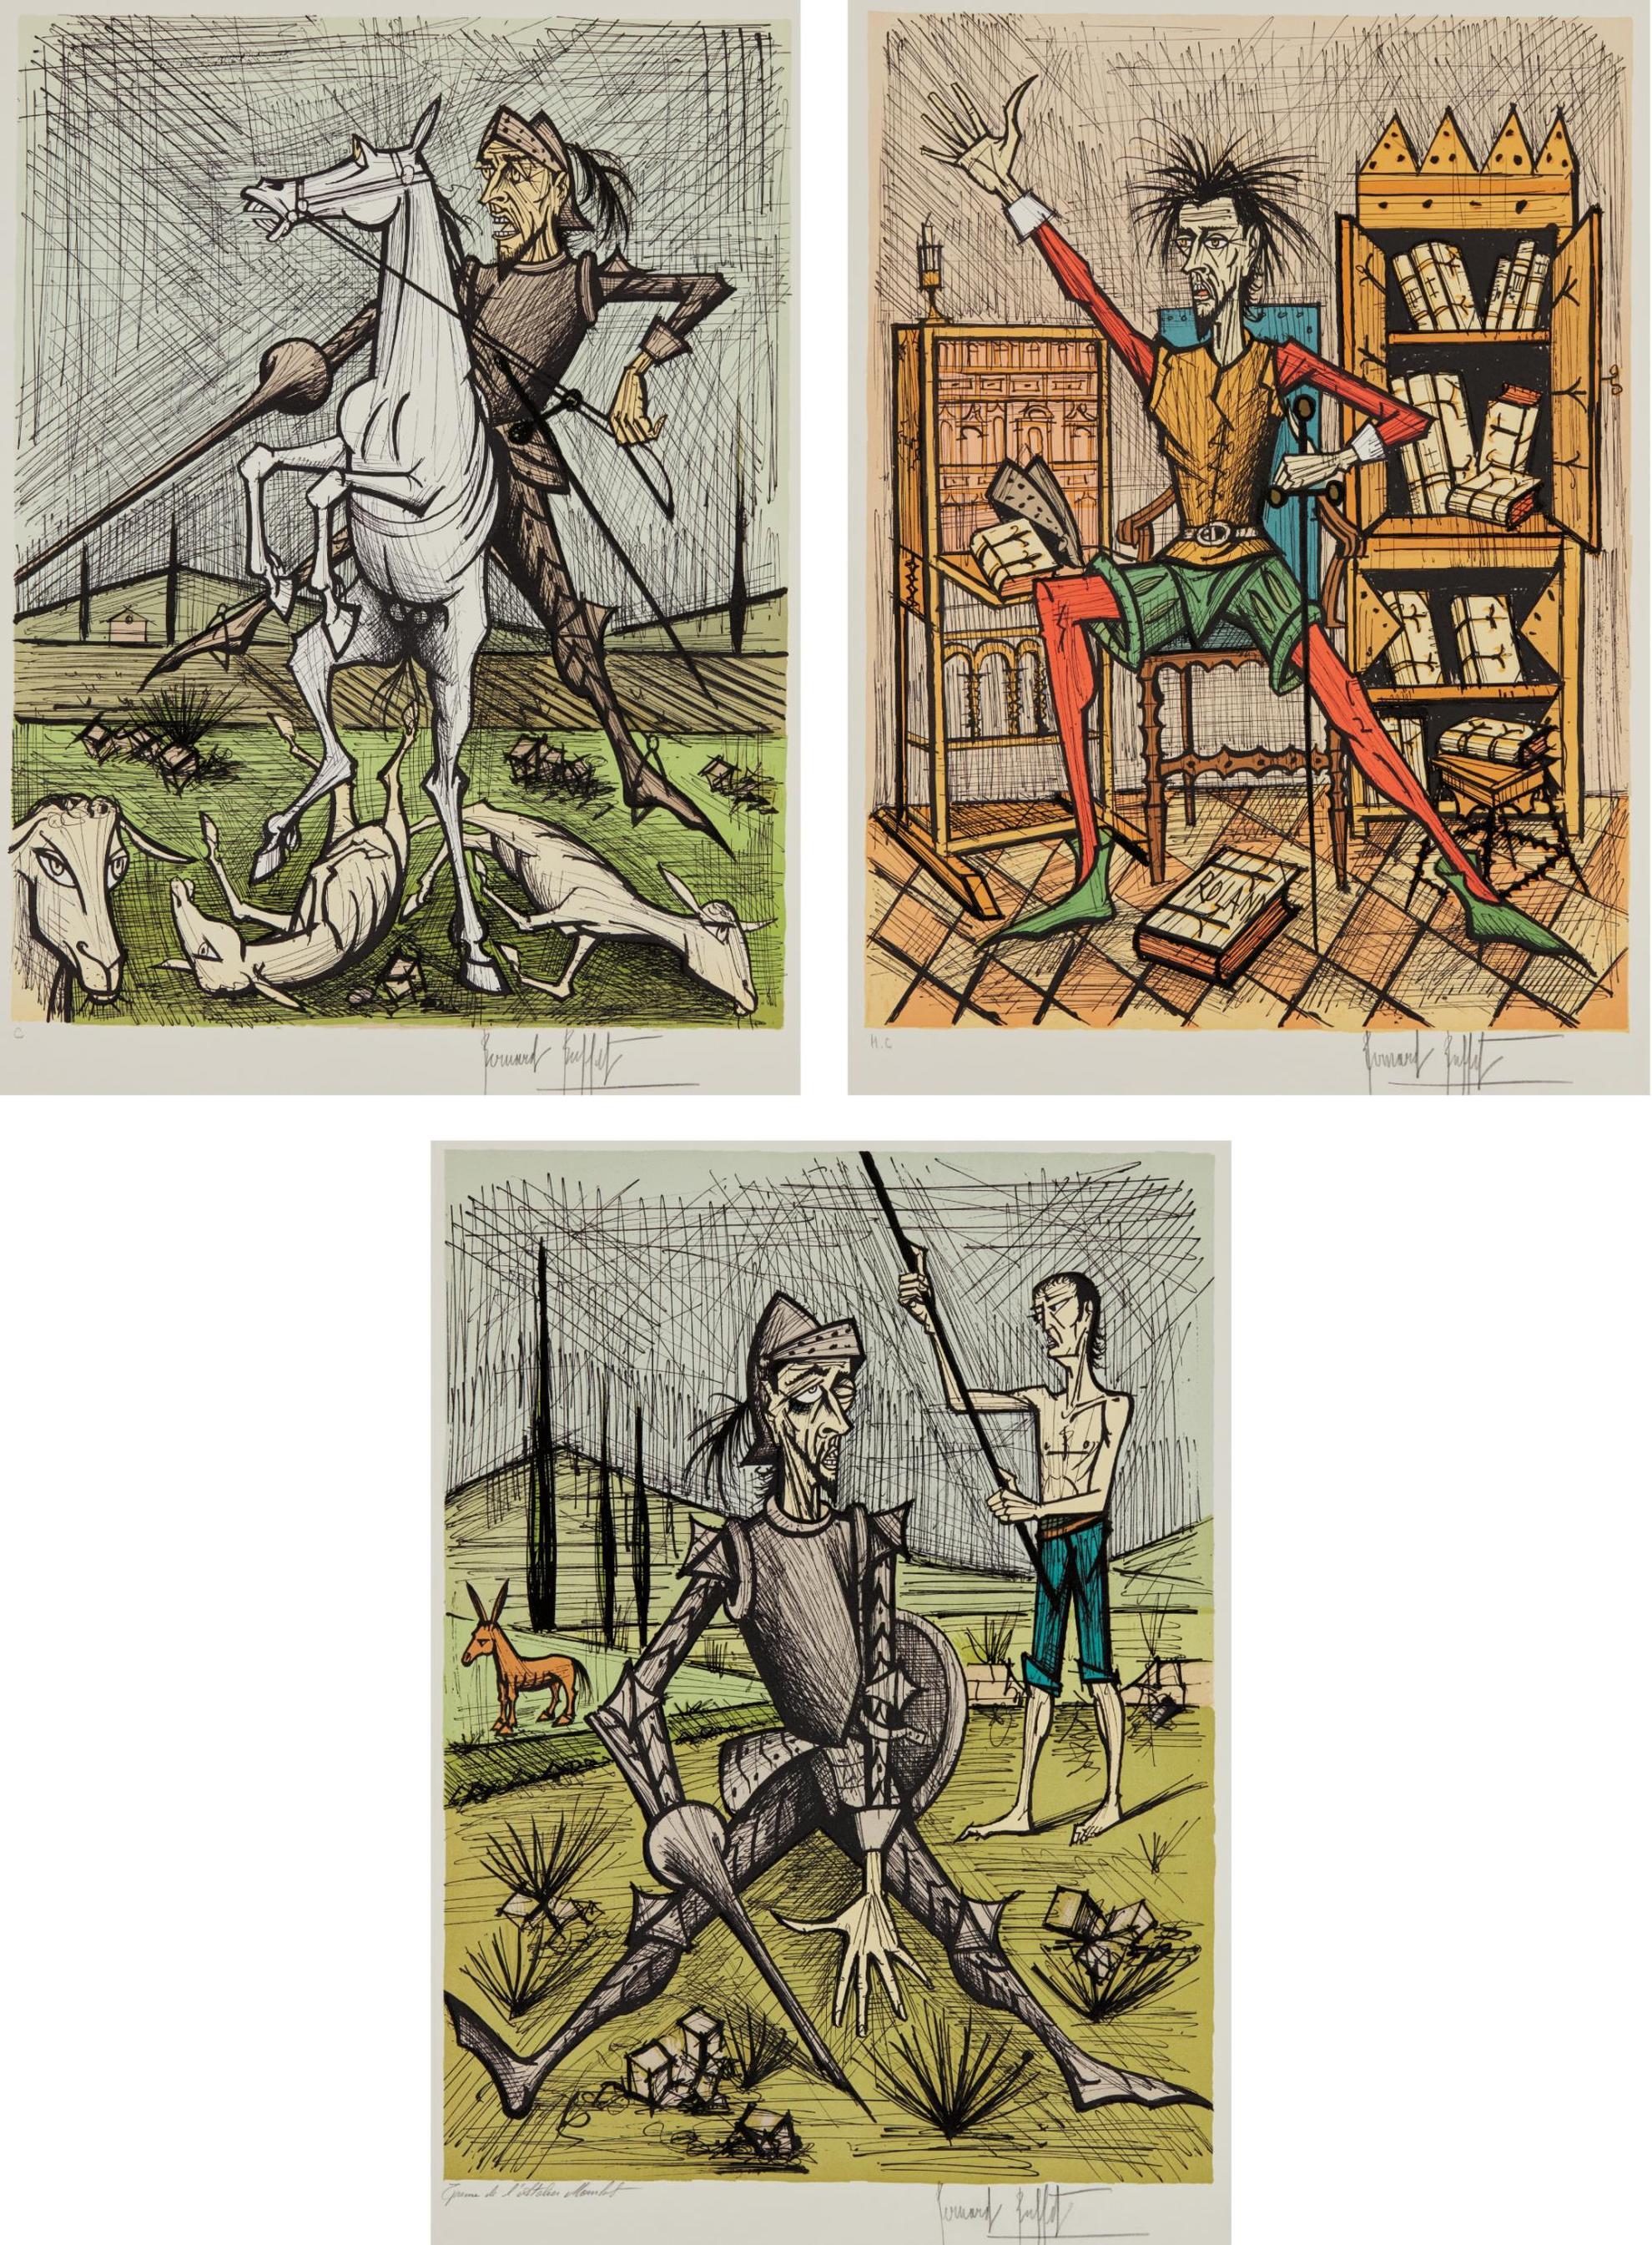 Bernard Buffet-Don Quixote Recontre Avec Les Muletiers (Don Quixote With The Mule Drivers); Don Quixote Dans La Bibliotheque Ii (Don Quixote In Library Ii); And Don Quixote Et Les Moutons (Don Quixote And The Sheep)-1989